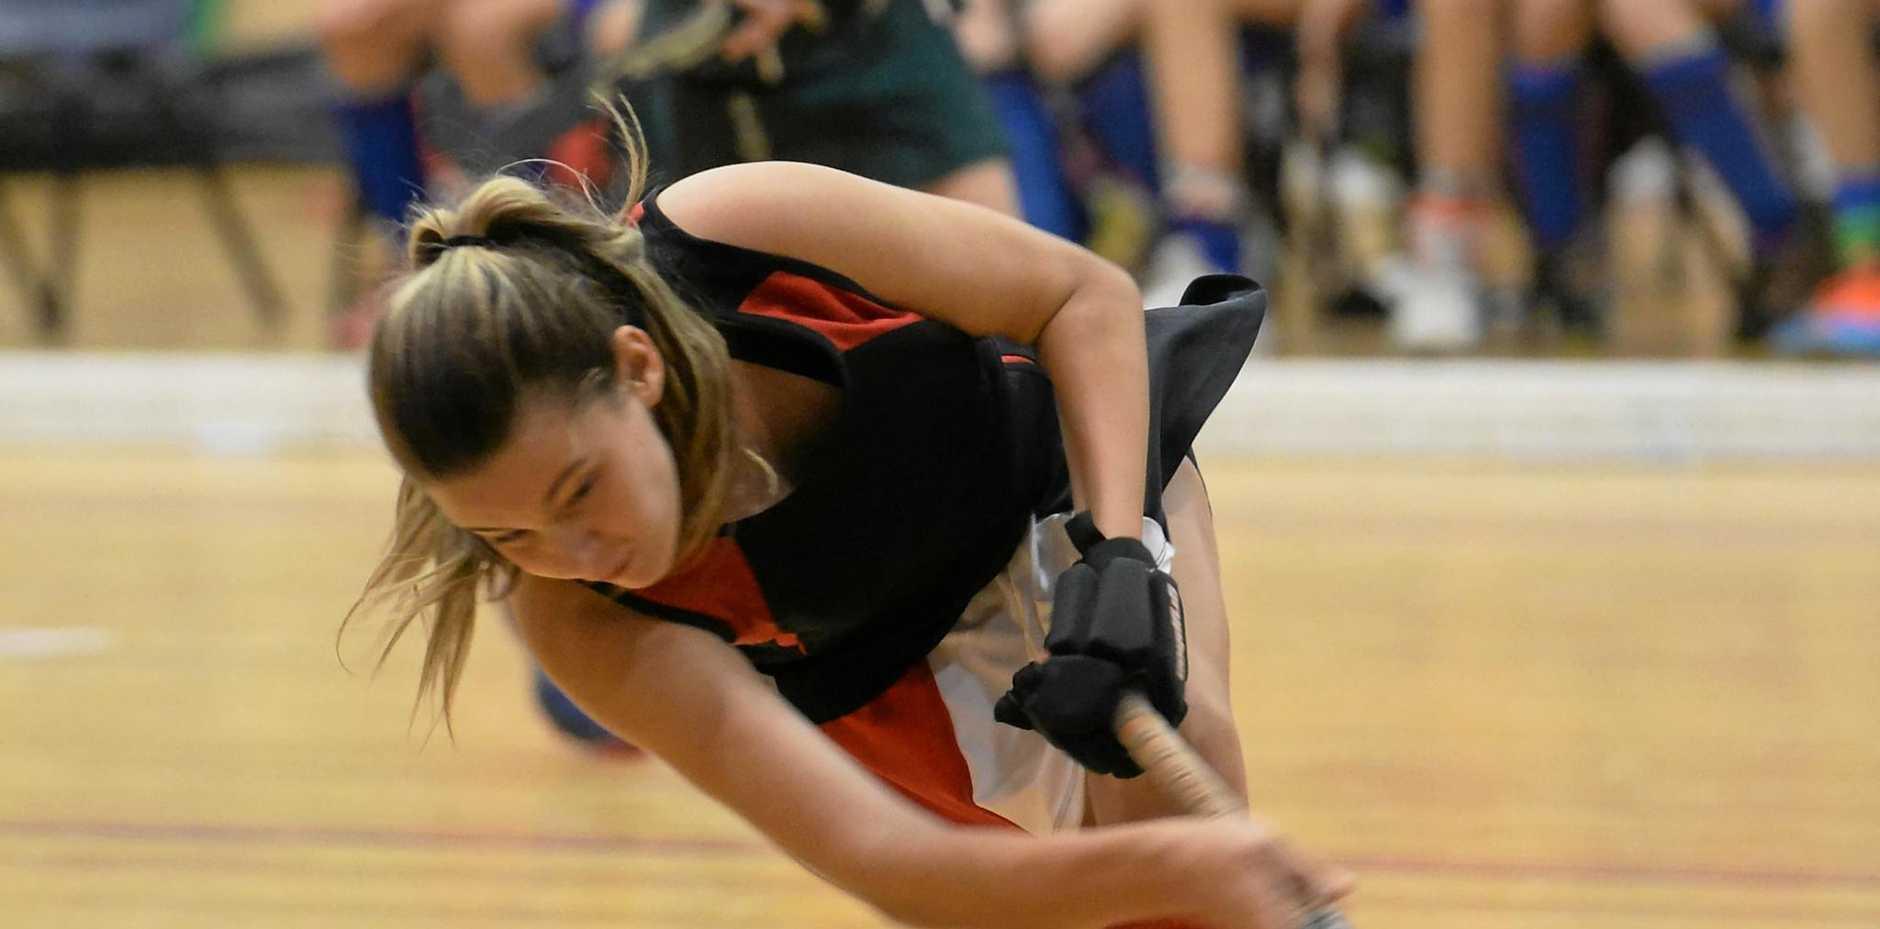 HOT SHOT: Rockhampton's Ebonee Moffat has been named in the Queensland under-15 girls indoor hockey team.